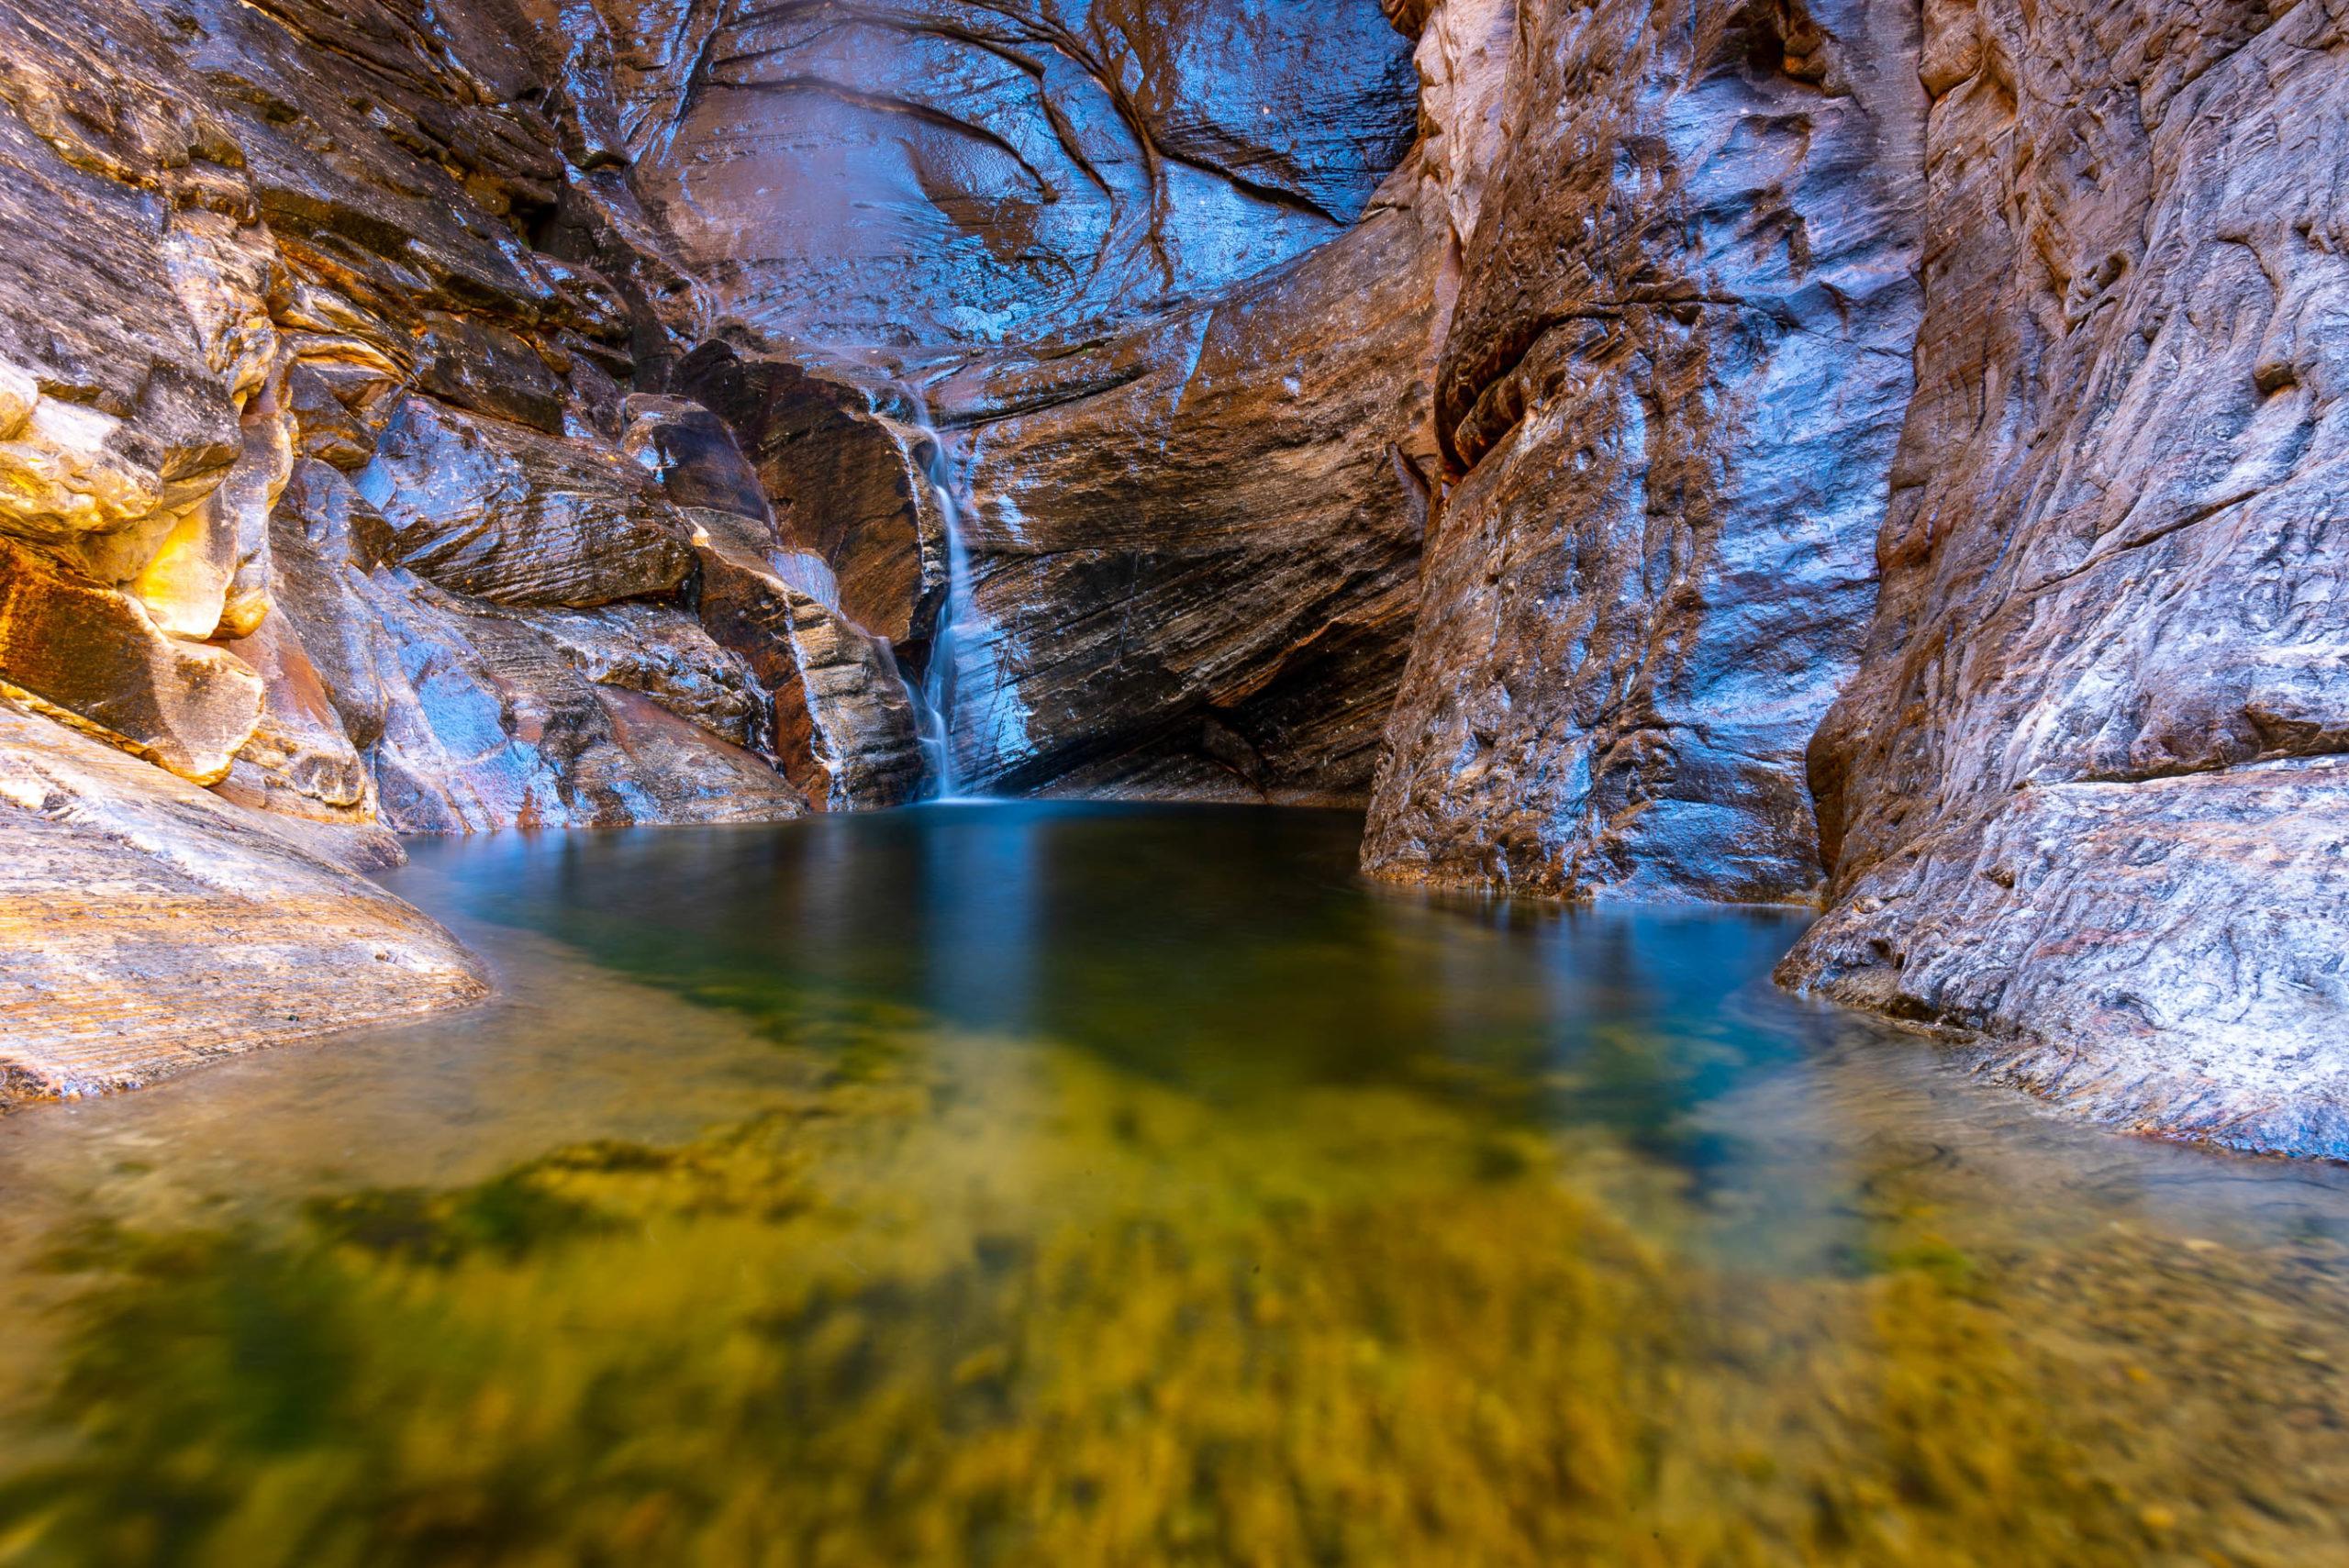 River at Ice Box Canyon